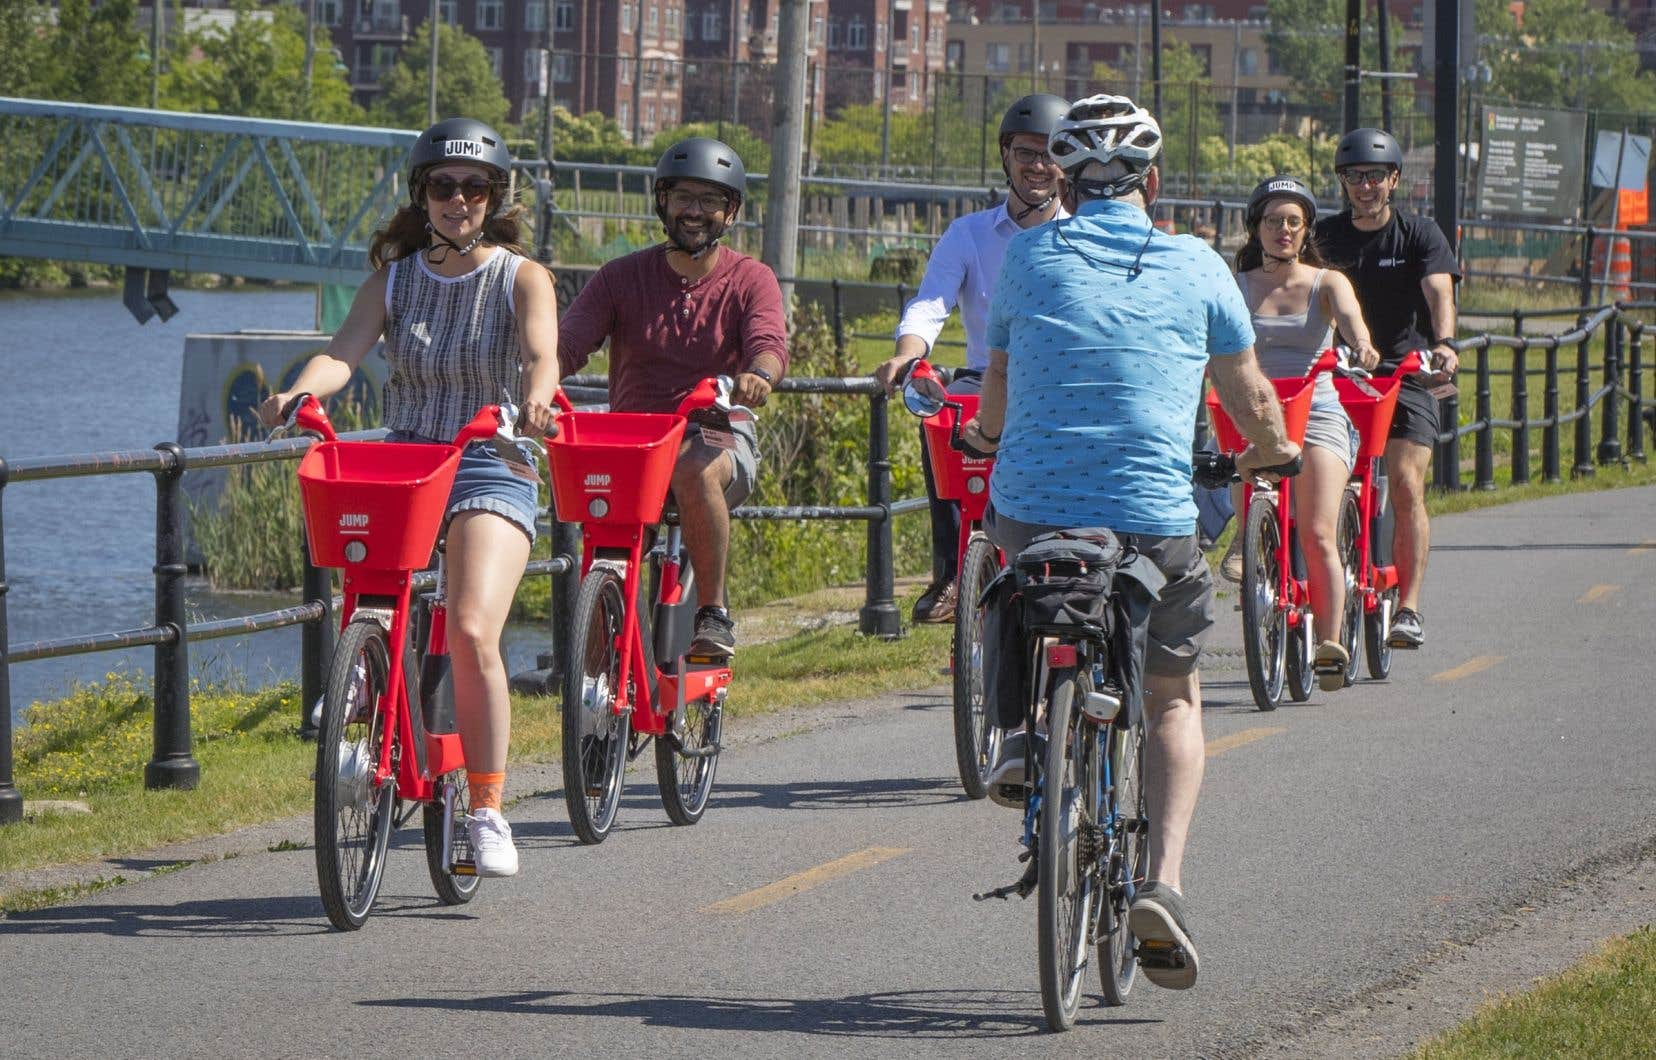 Les vélos JUMP, dont la roue avant est alimentée par un moteur de 350 watts, peuvent circuler jusqu'à 32 km/h et sont munis de trois vitesses.